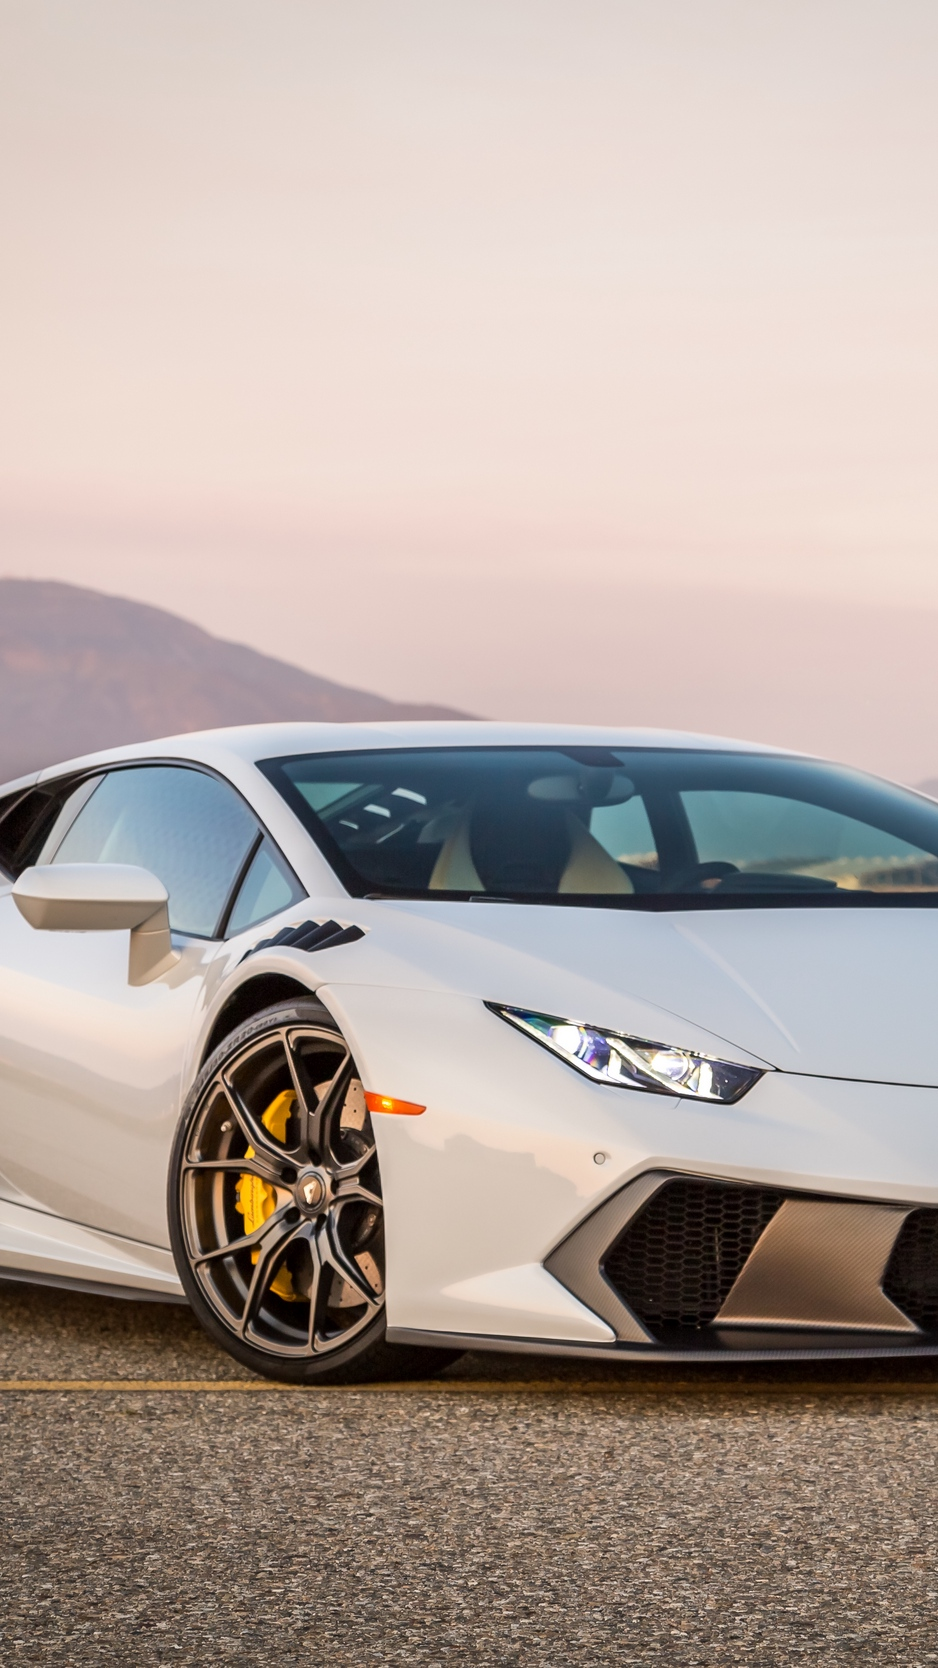 Wallpaper Lamborghini, Huracan, Side View - Lamborghini Huracan Iphone , HD Wallpaper & Backgrounds